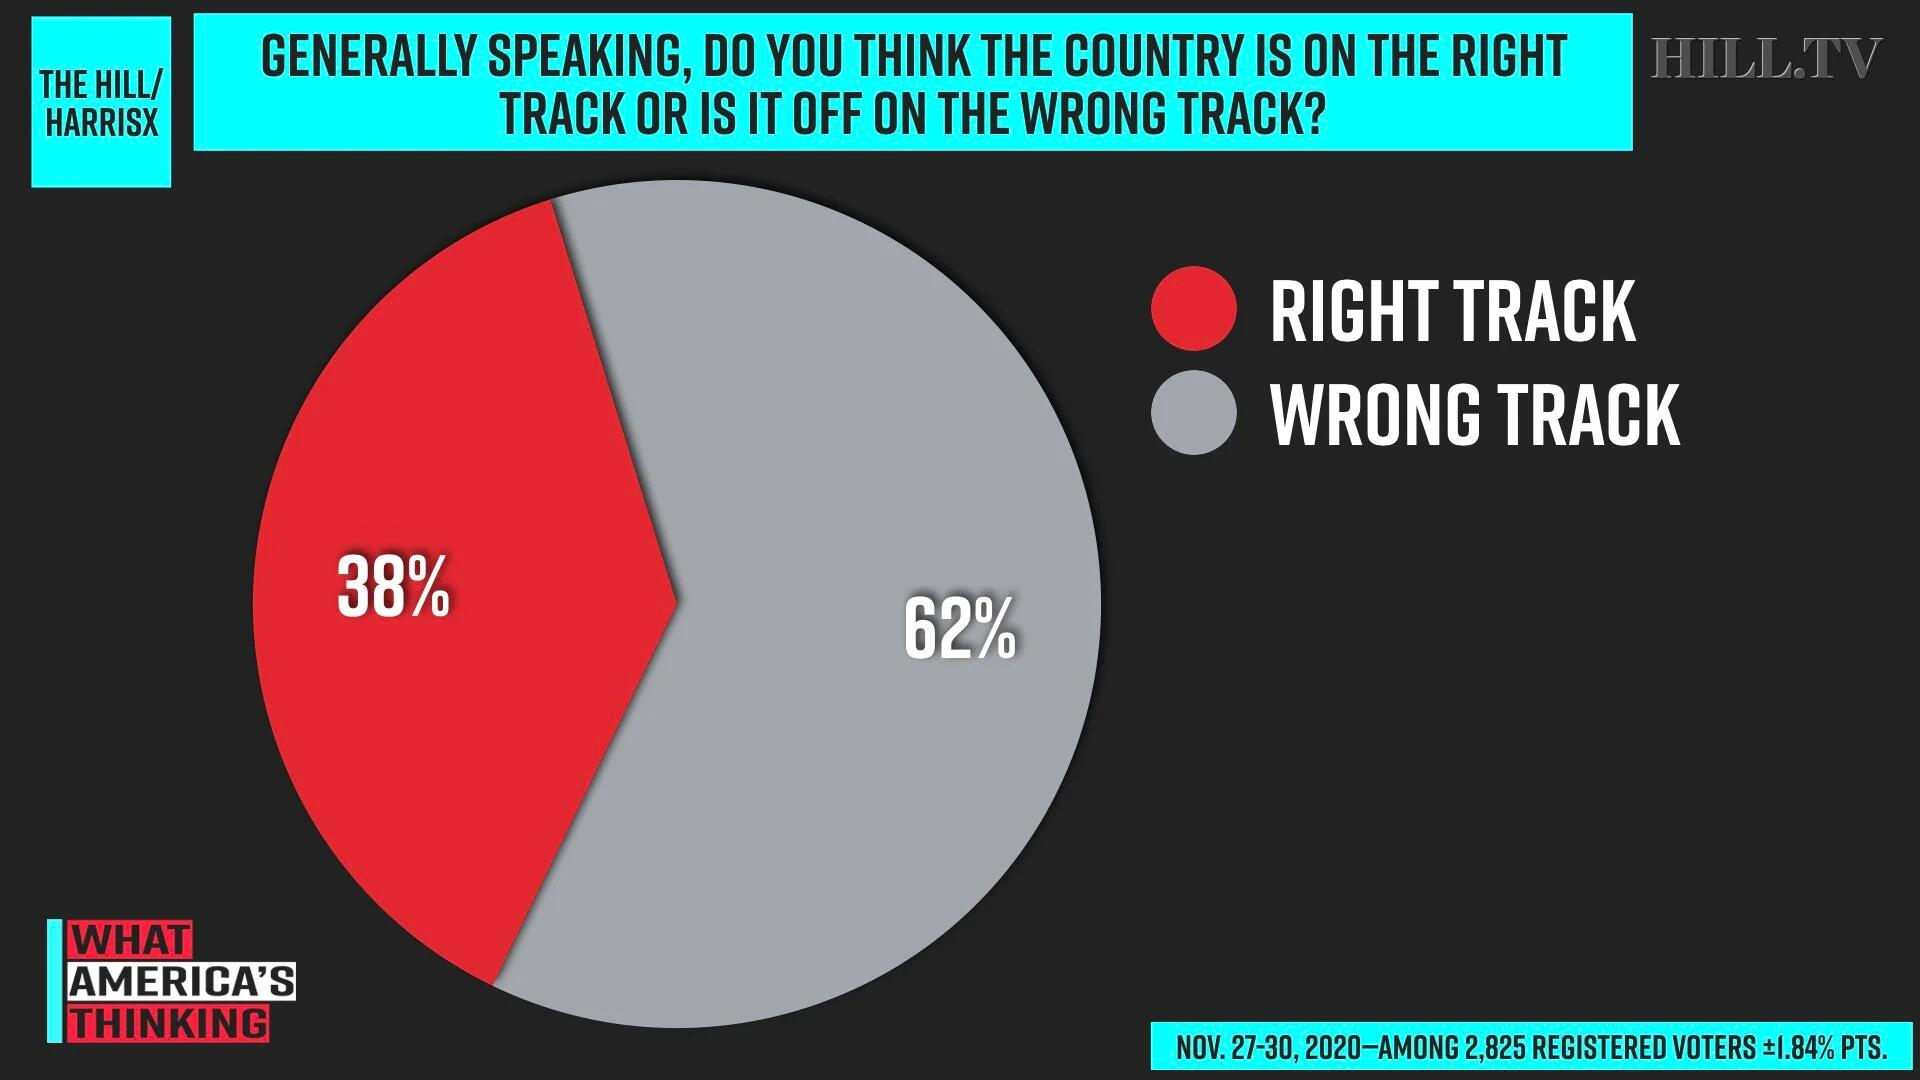 民调:62%受访者认为美国走上了错误道路